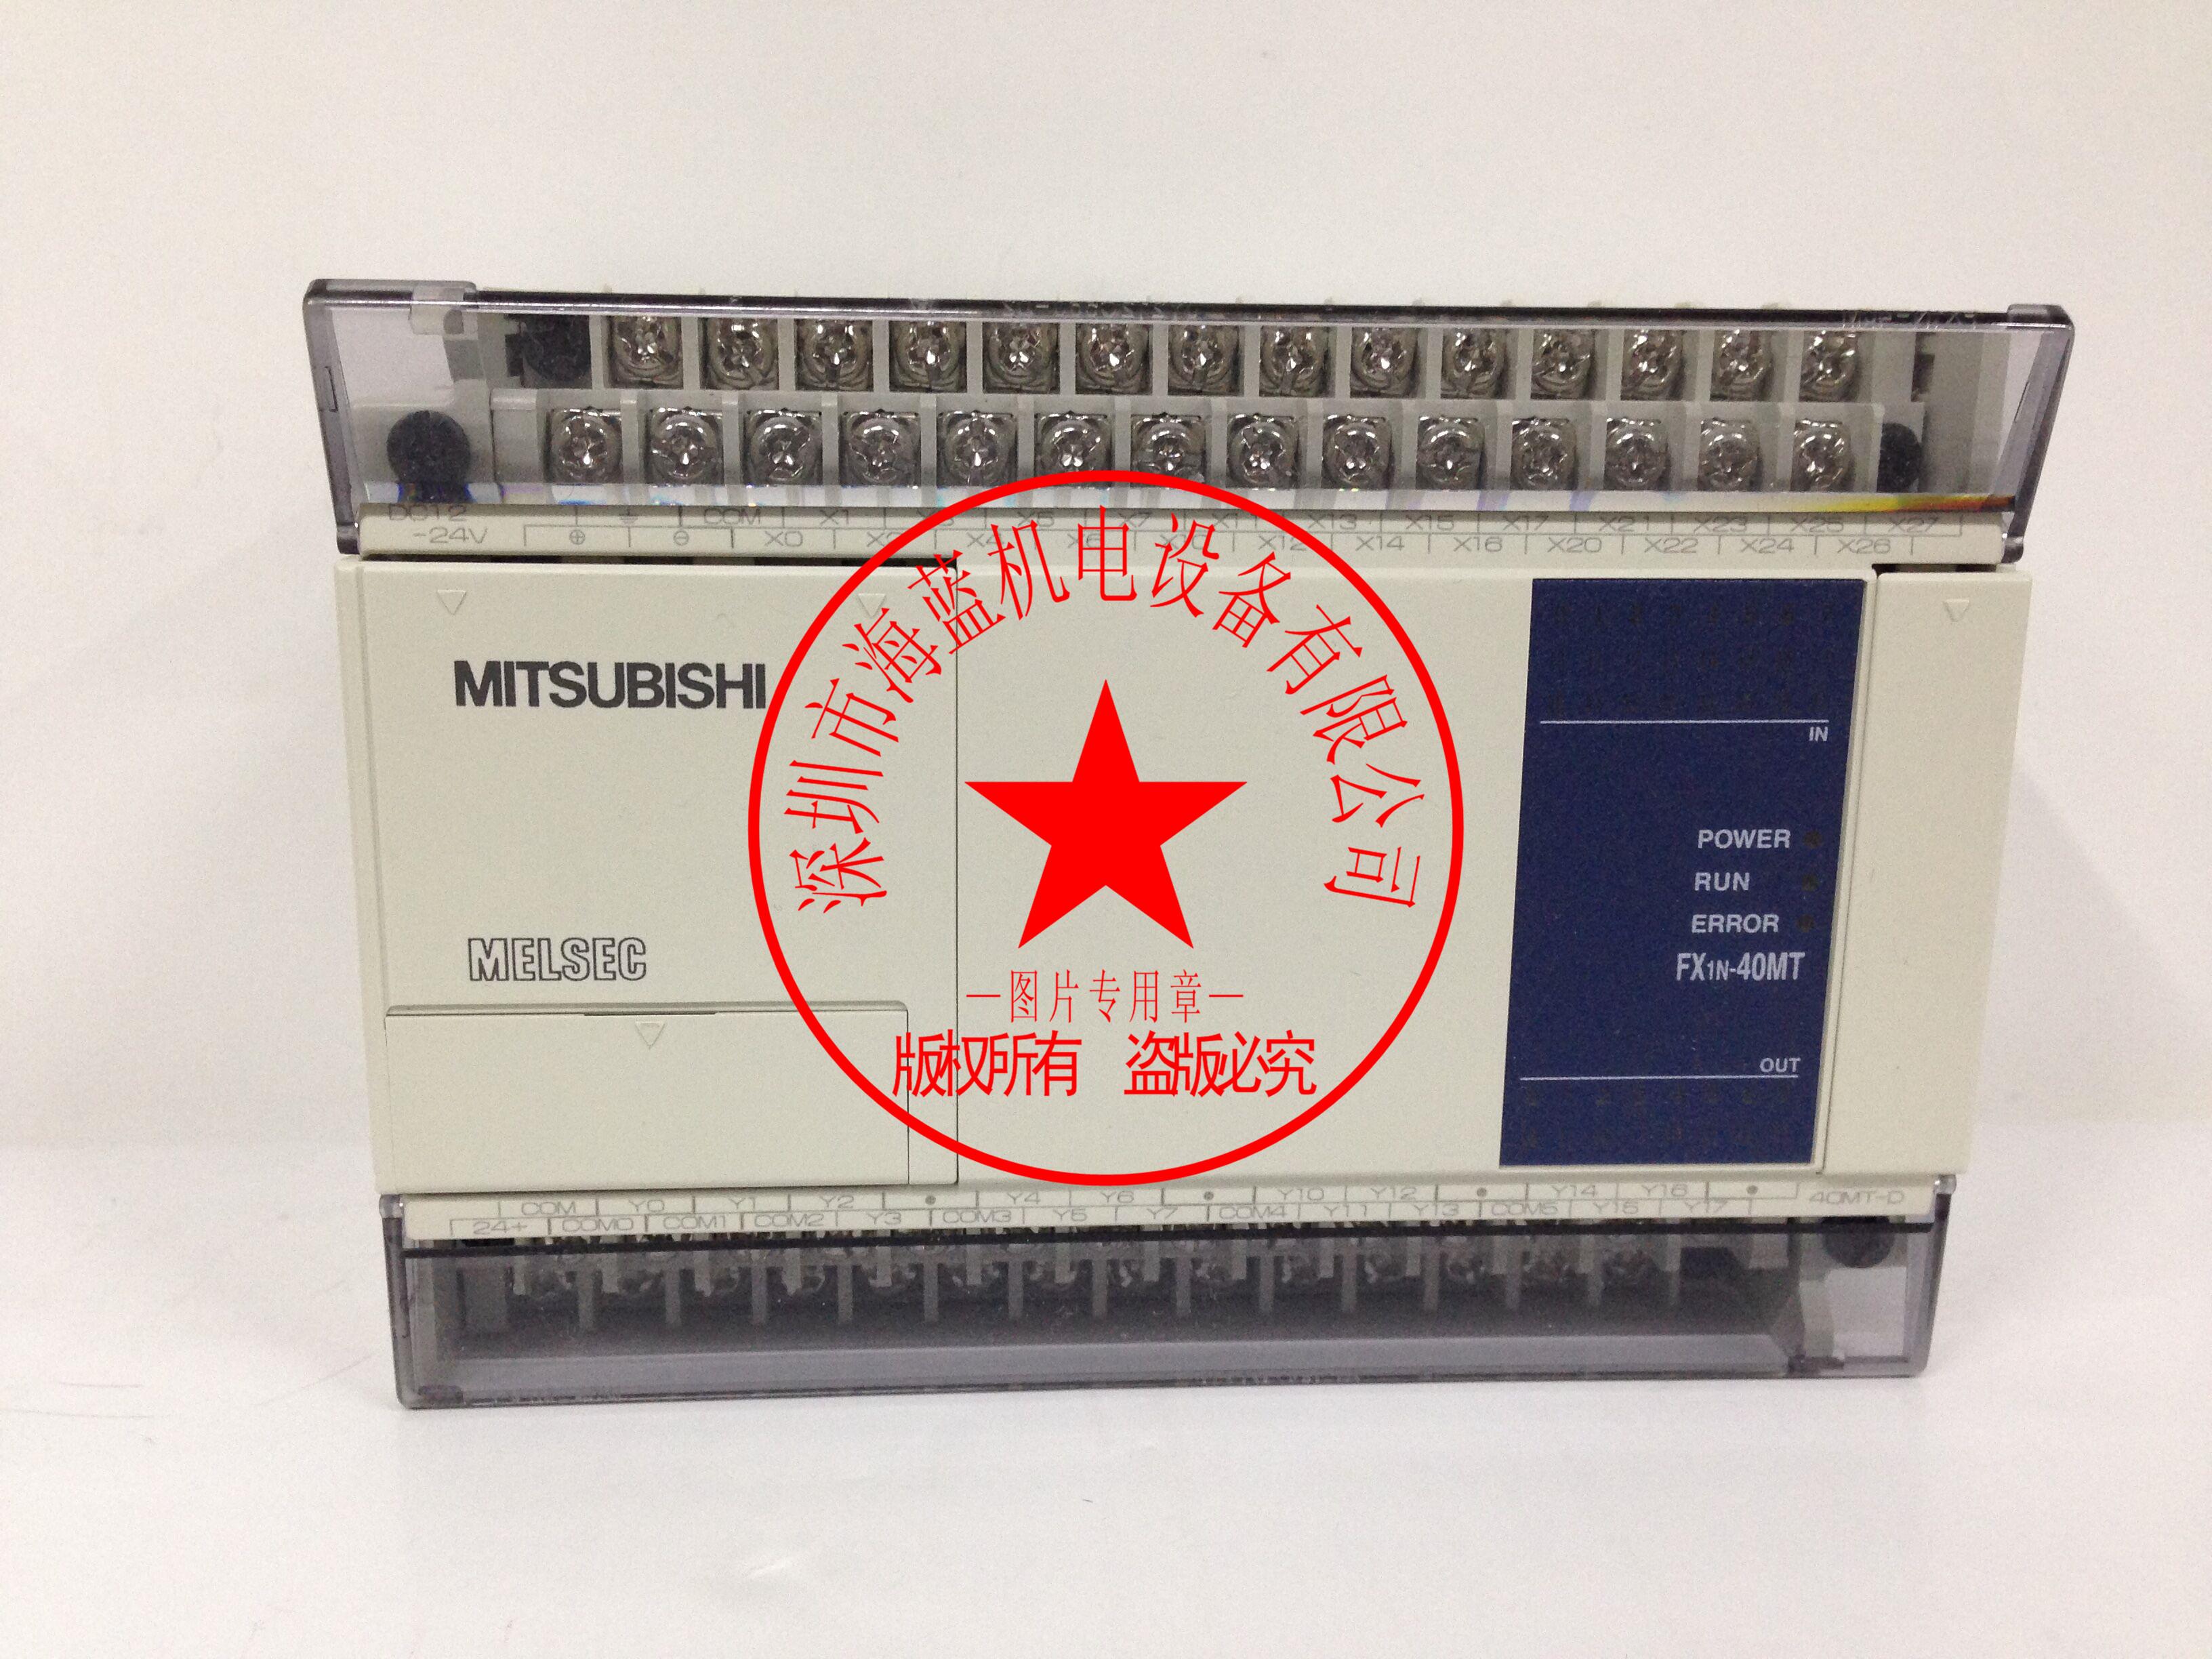 fx1n-40mt-d|三菱plc通信手册|三菱plc安装包下载|pl